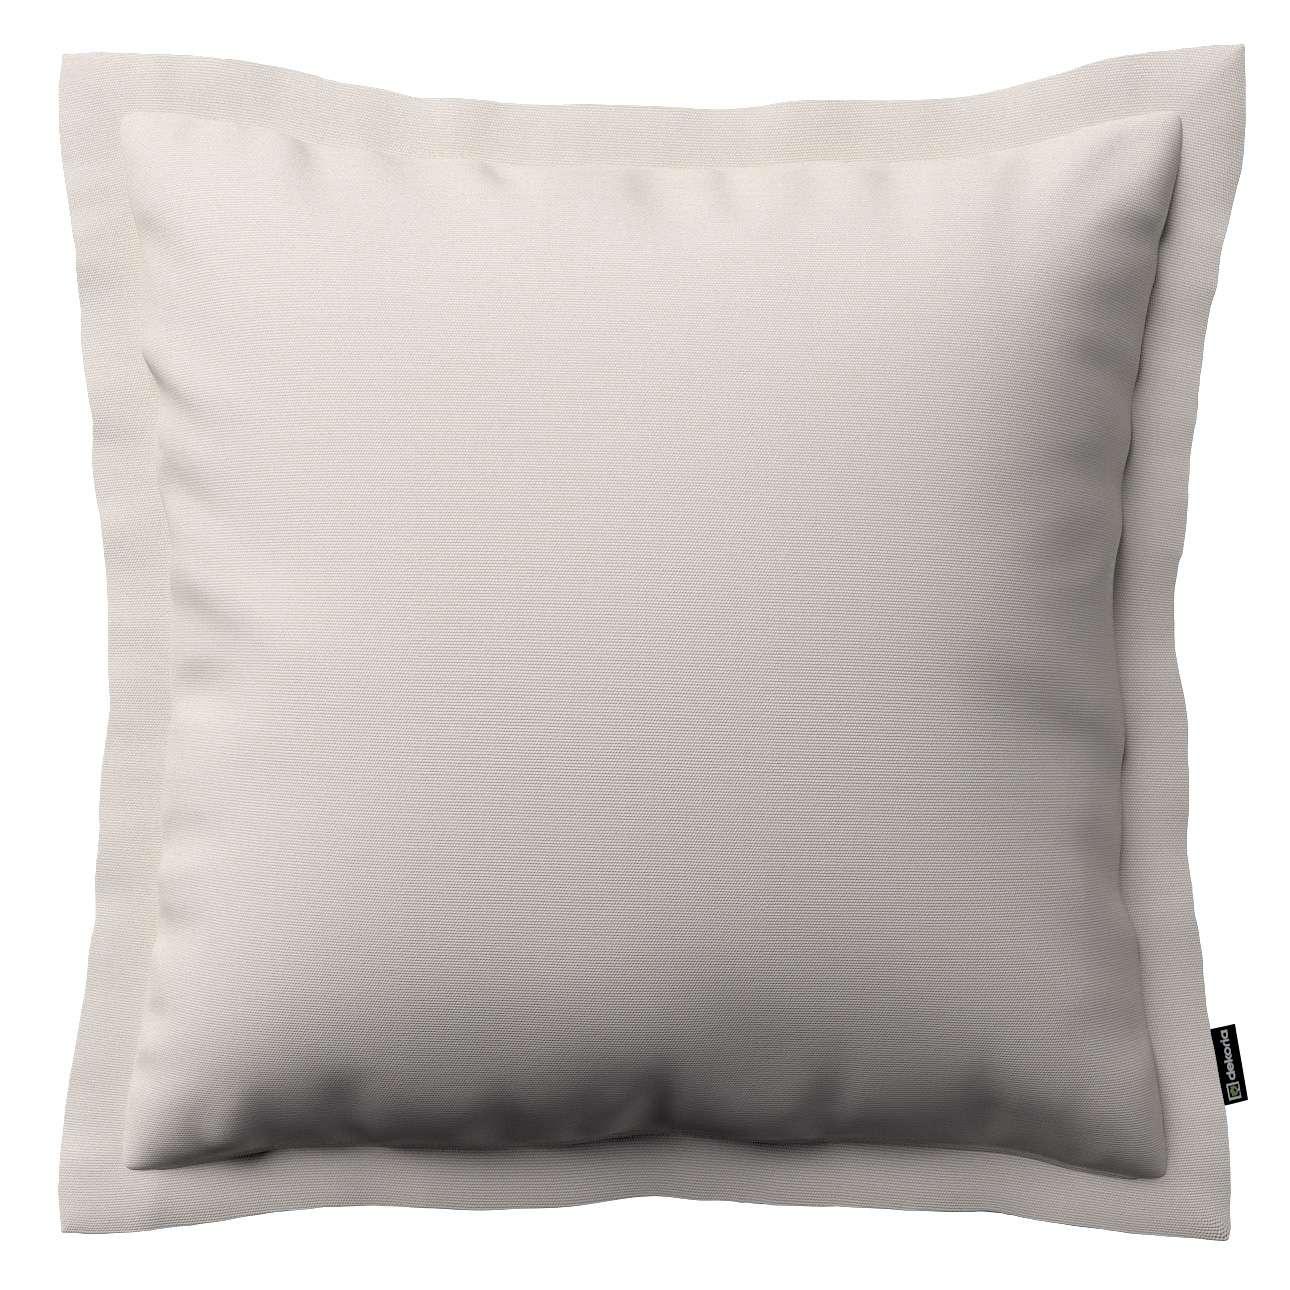 Poszewka Mona na poduszkę 38x38 cm w kolekcji Cotton Panama, tkanina: 702-31